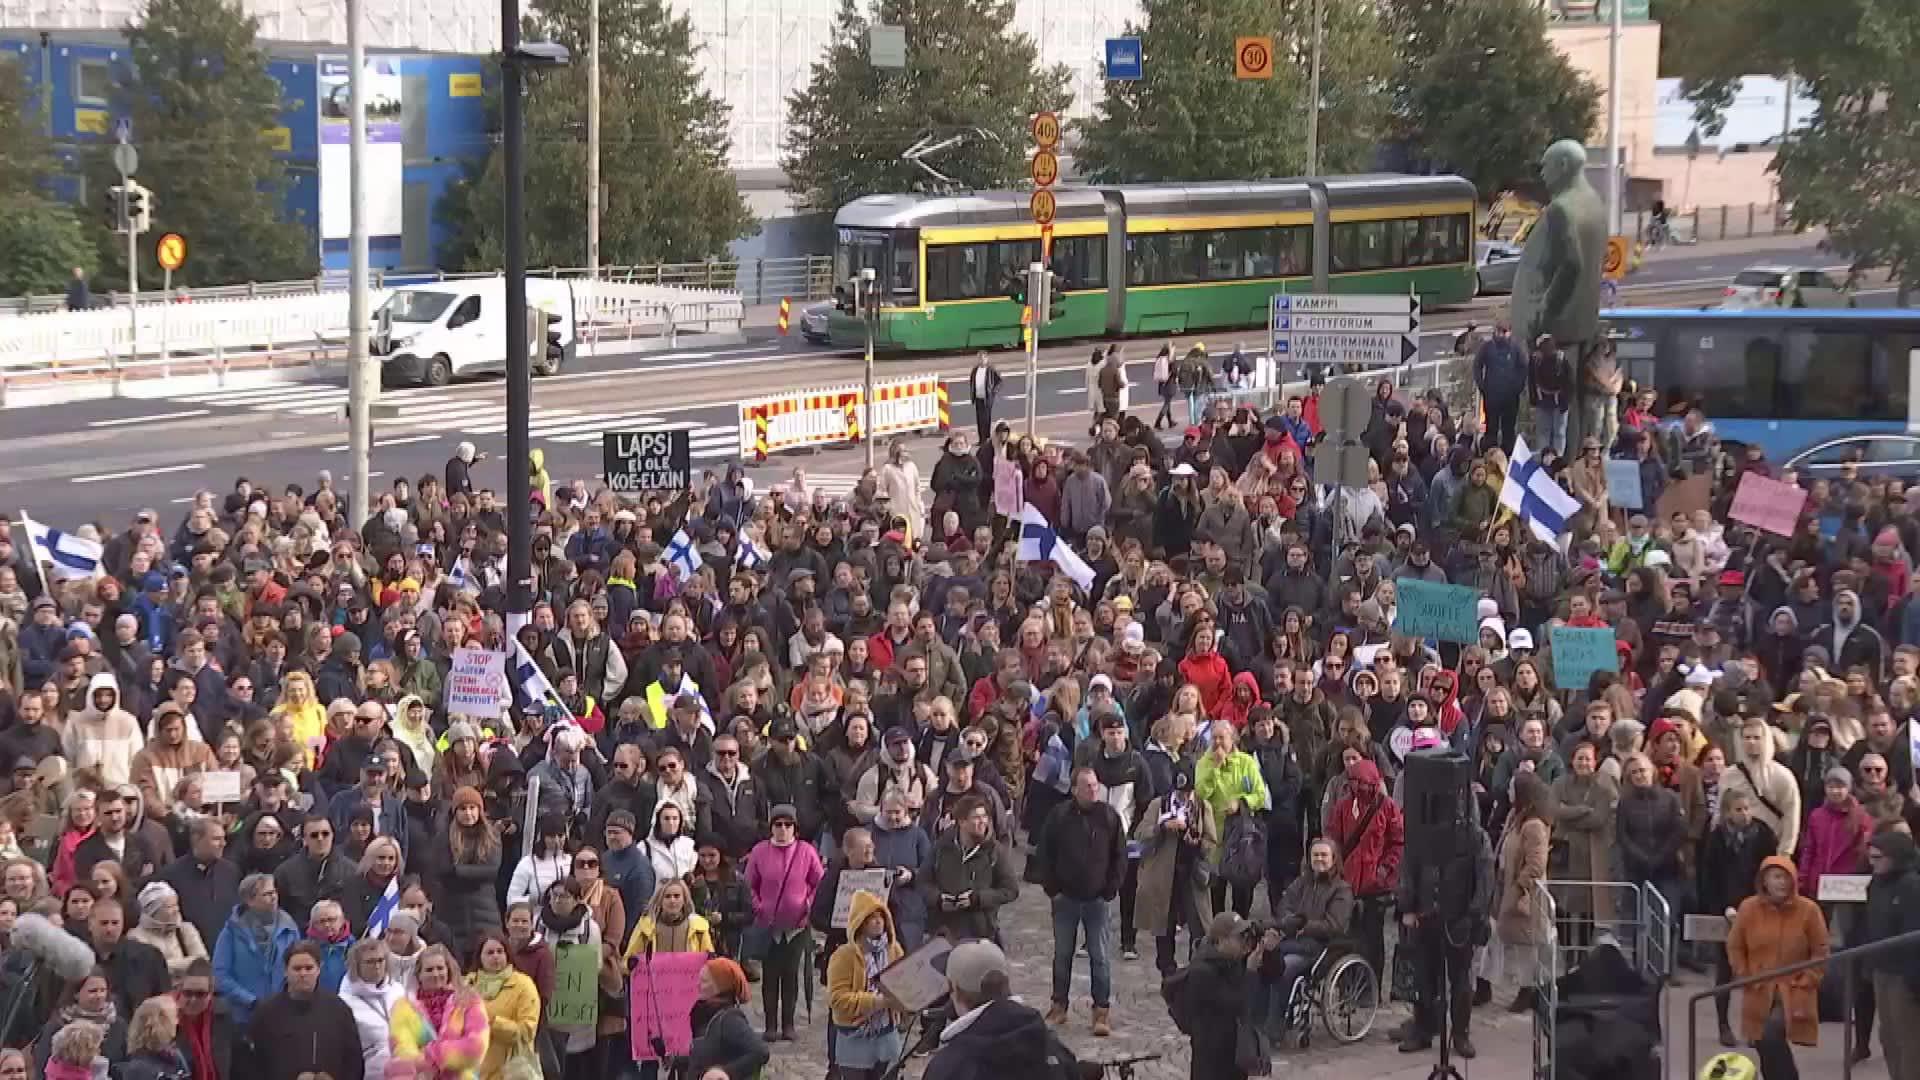 Rokotteiden vastustajien mielenosoitus